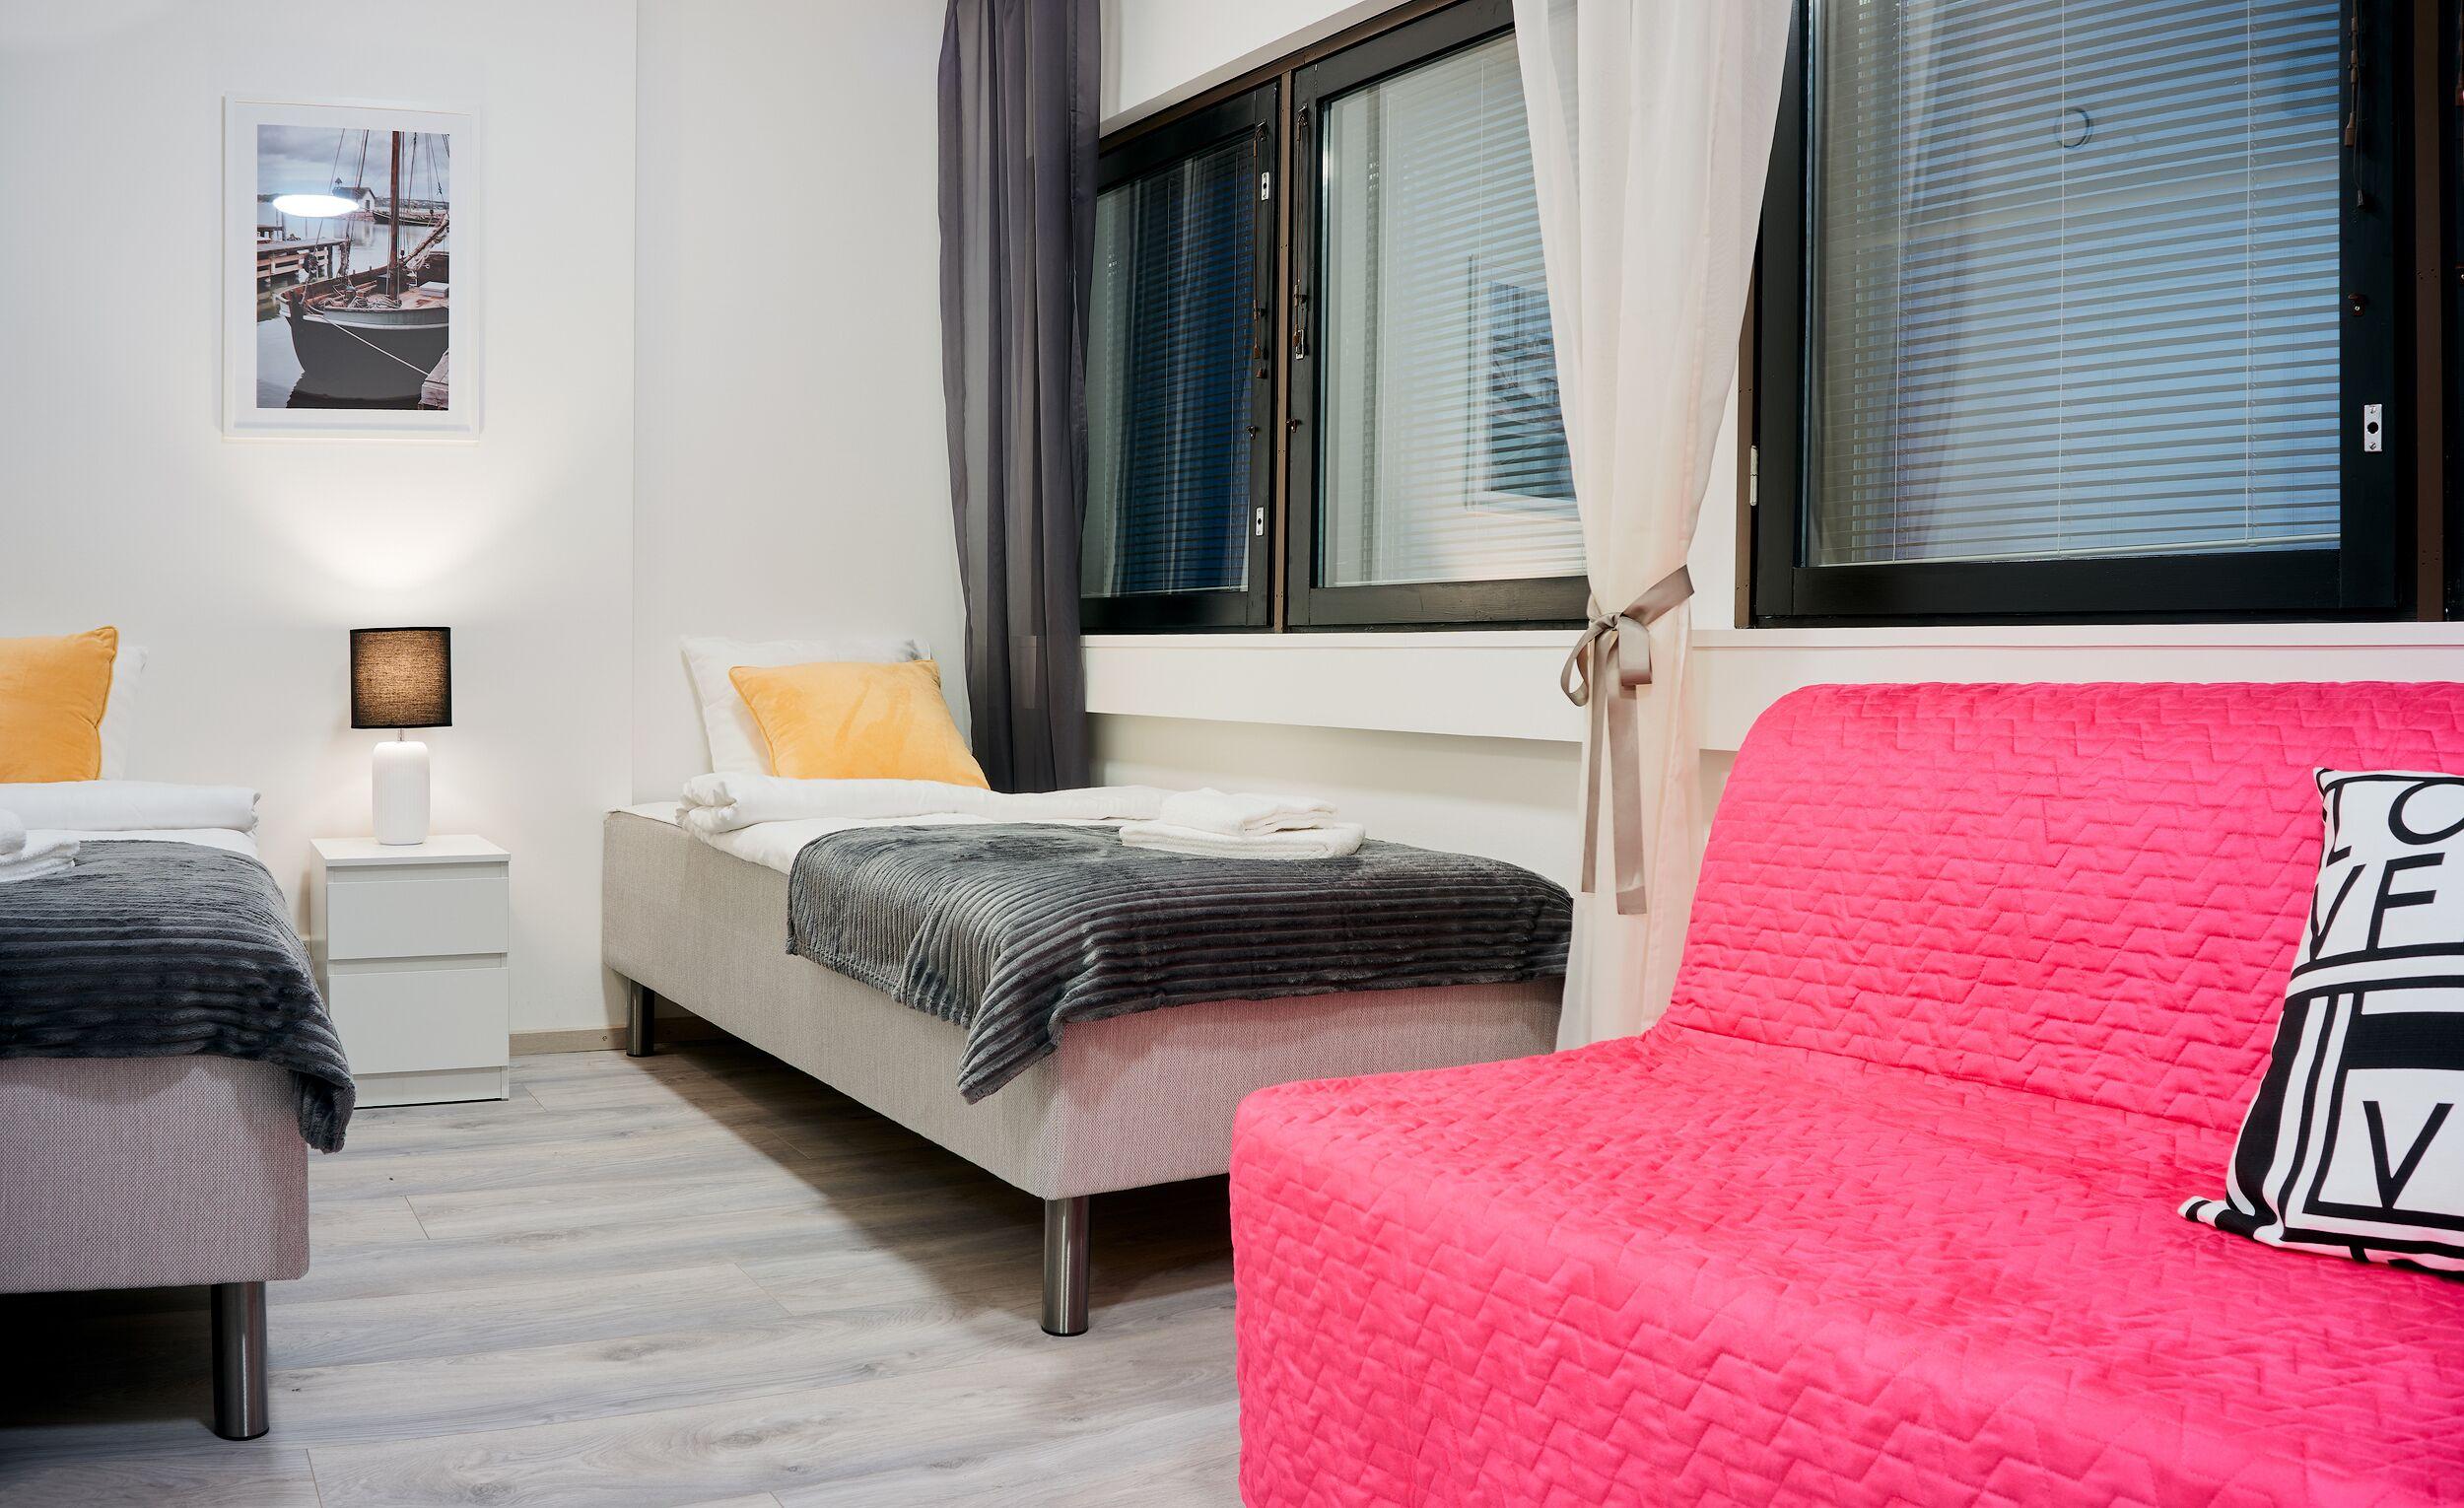 Inntourist Hostel